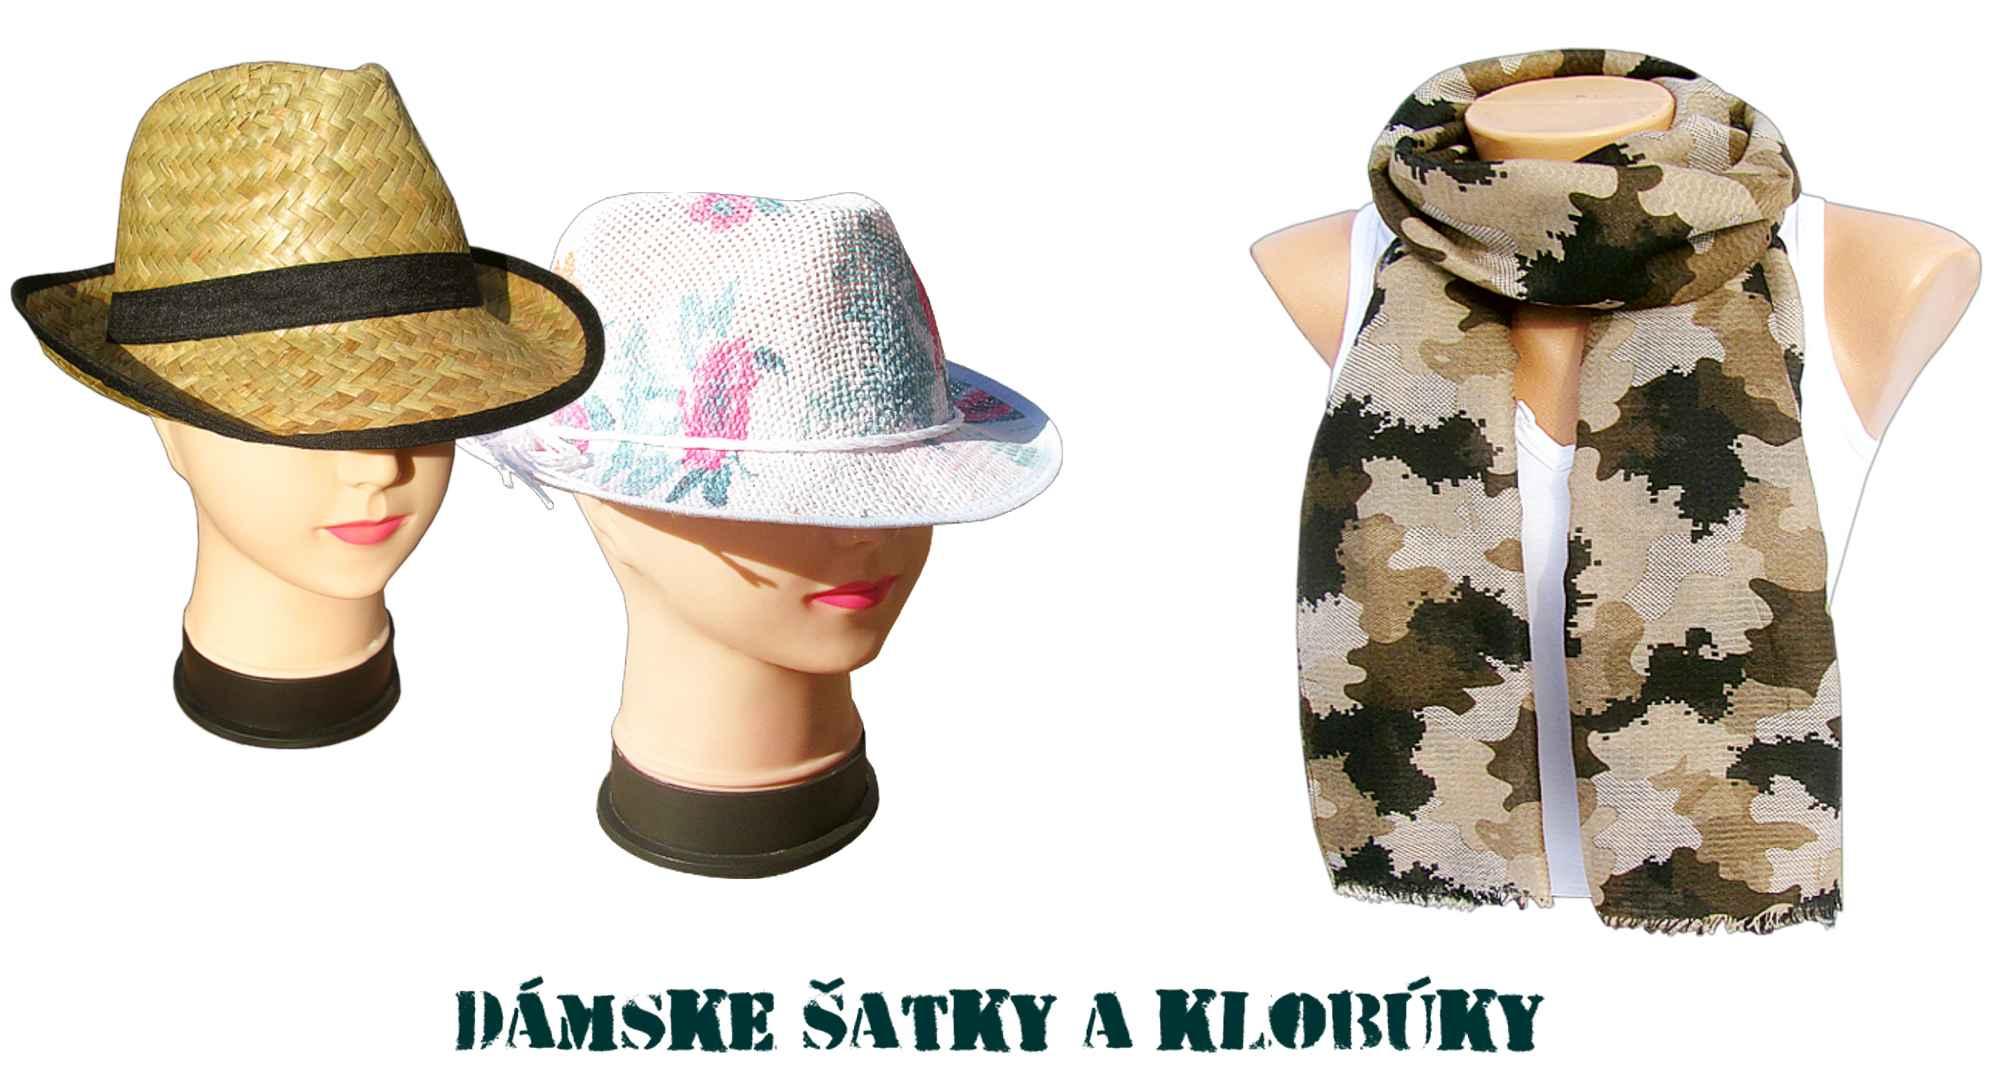 b2f1aca87 Dámske klobúky, šatky, šály - odevné doplnky TifanTEX